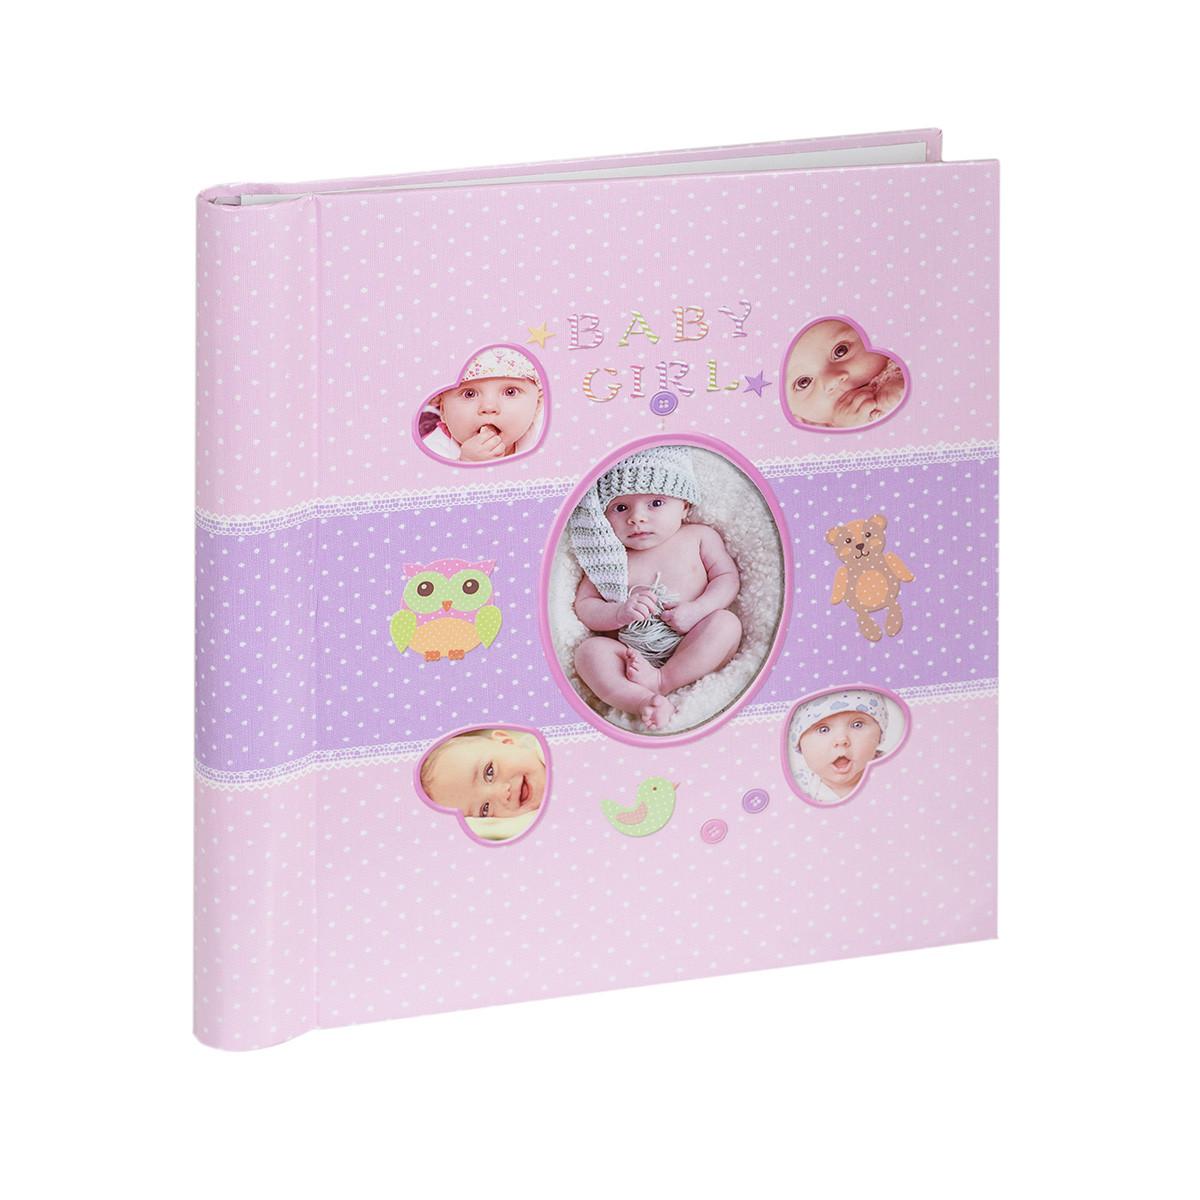 Альбом CHAKO 20 Sheet 9821 Babylove (20 магн. листів) рожевий